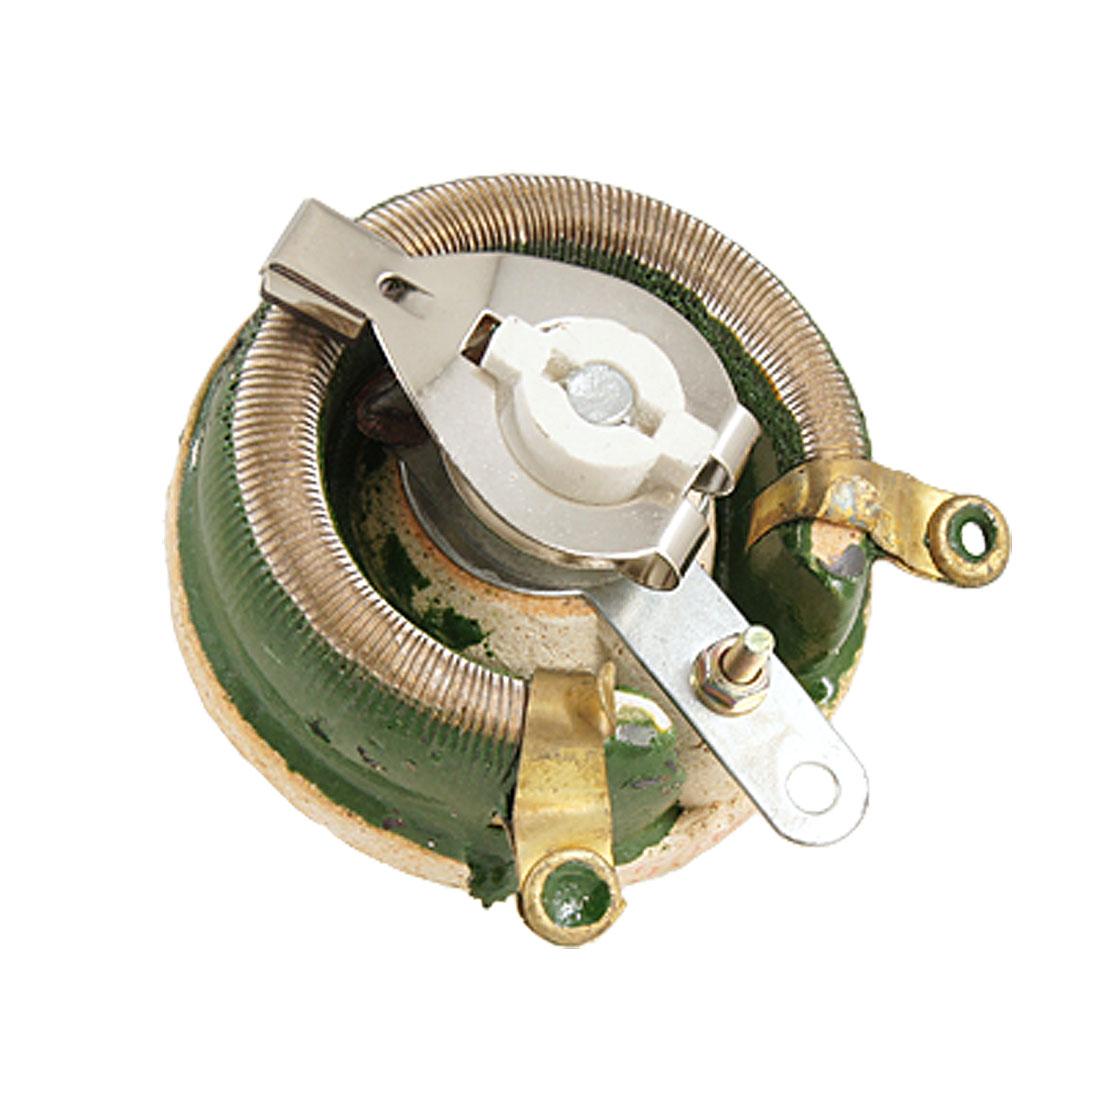 50 Watt 150 Ohm Ceramic Disk Variable Resistor Rheostat